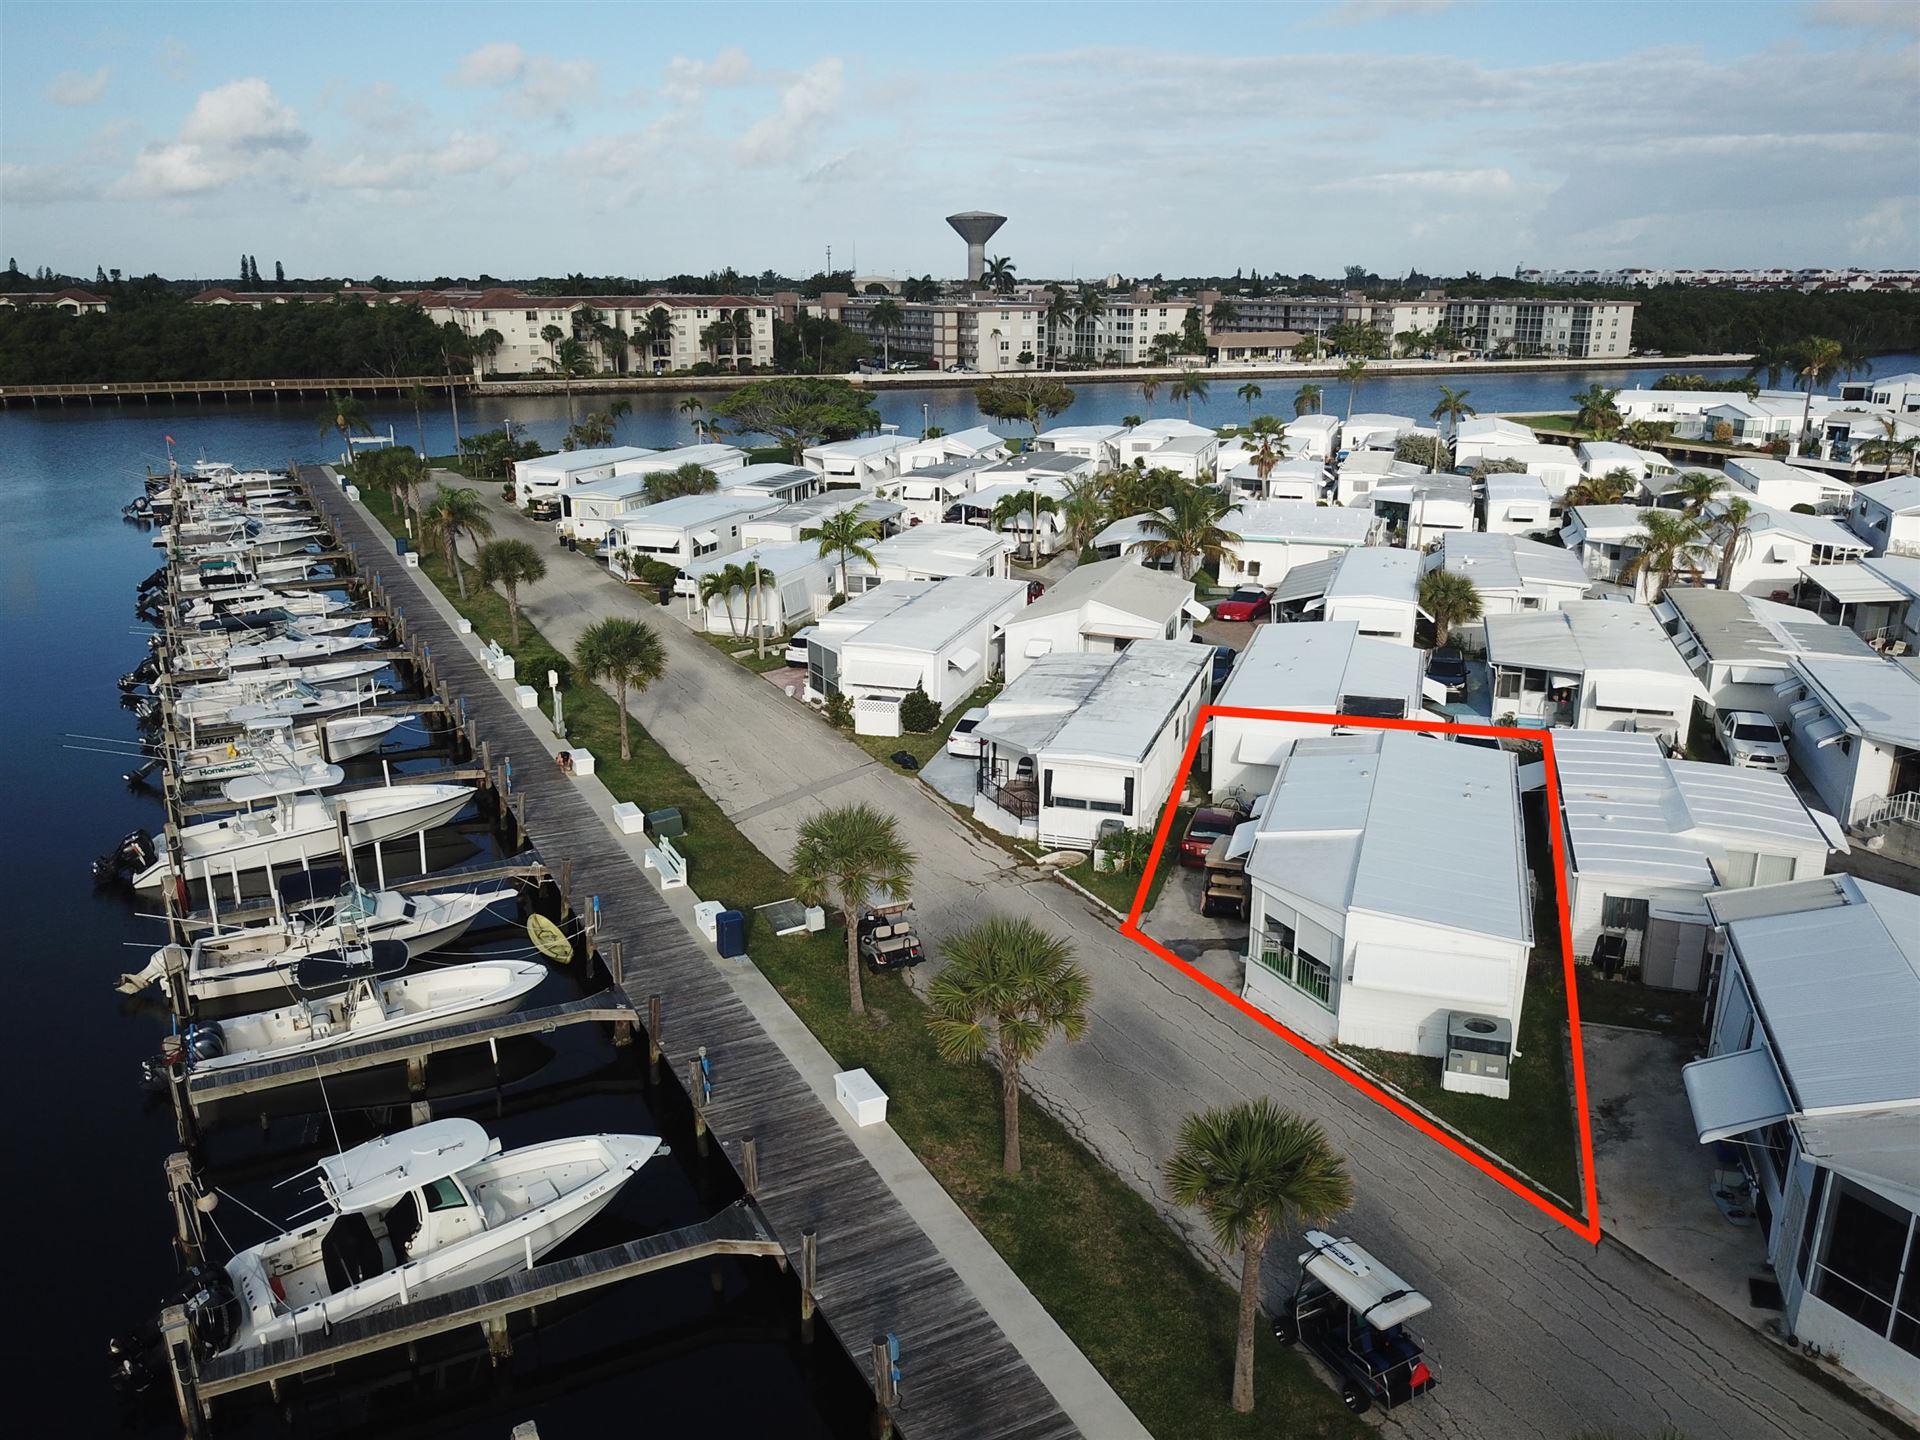 205 Dock Drive #G, Briny Breezes, FL 33435 - #: RX-10635889